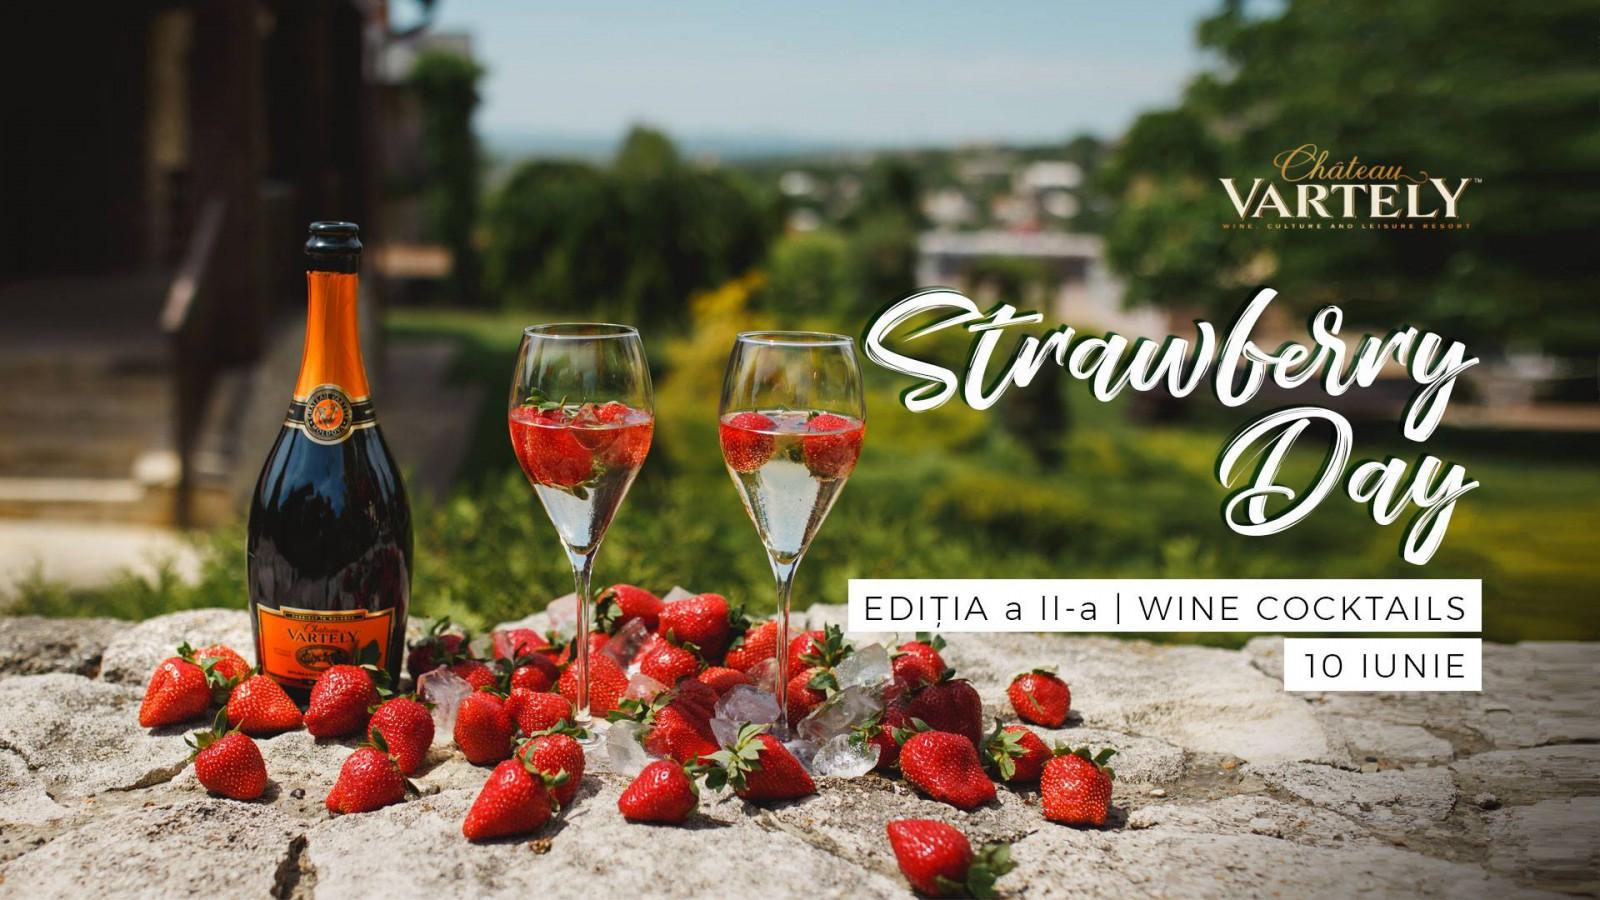 5 motive pentru a-ți petrece duminica la Strawberry Day la Chateau Vartely